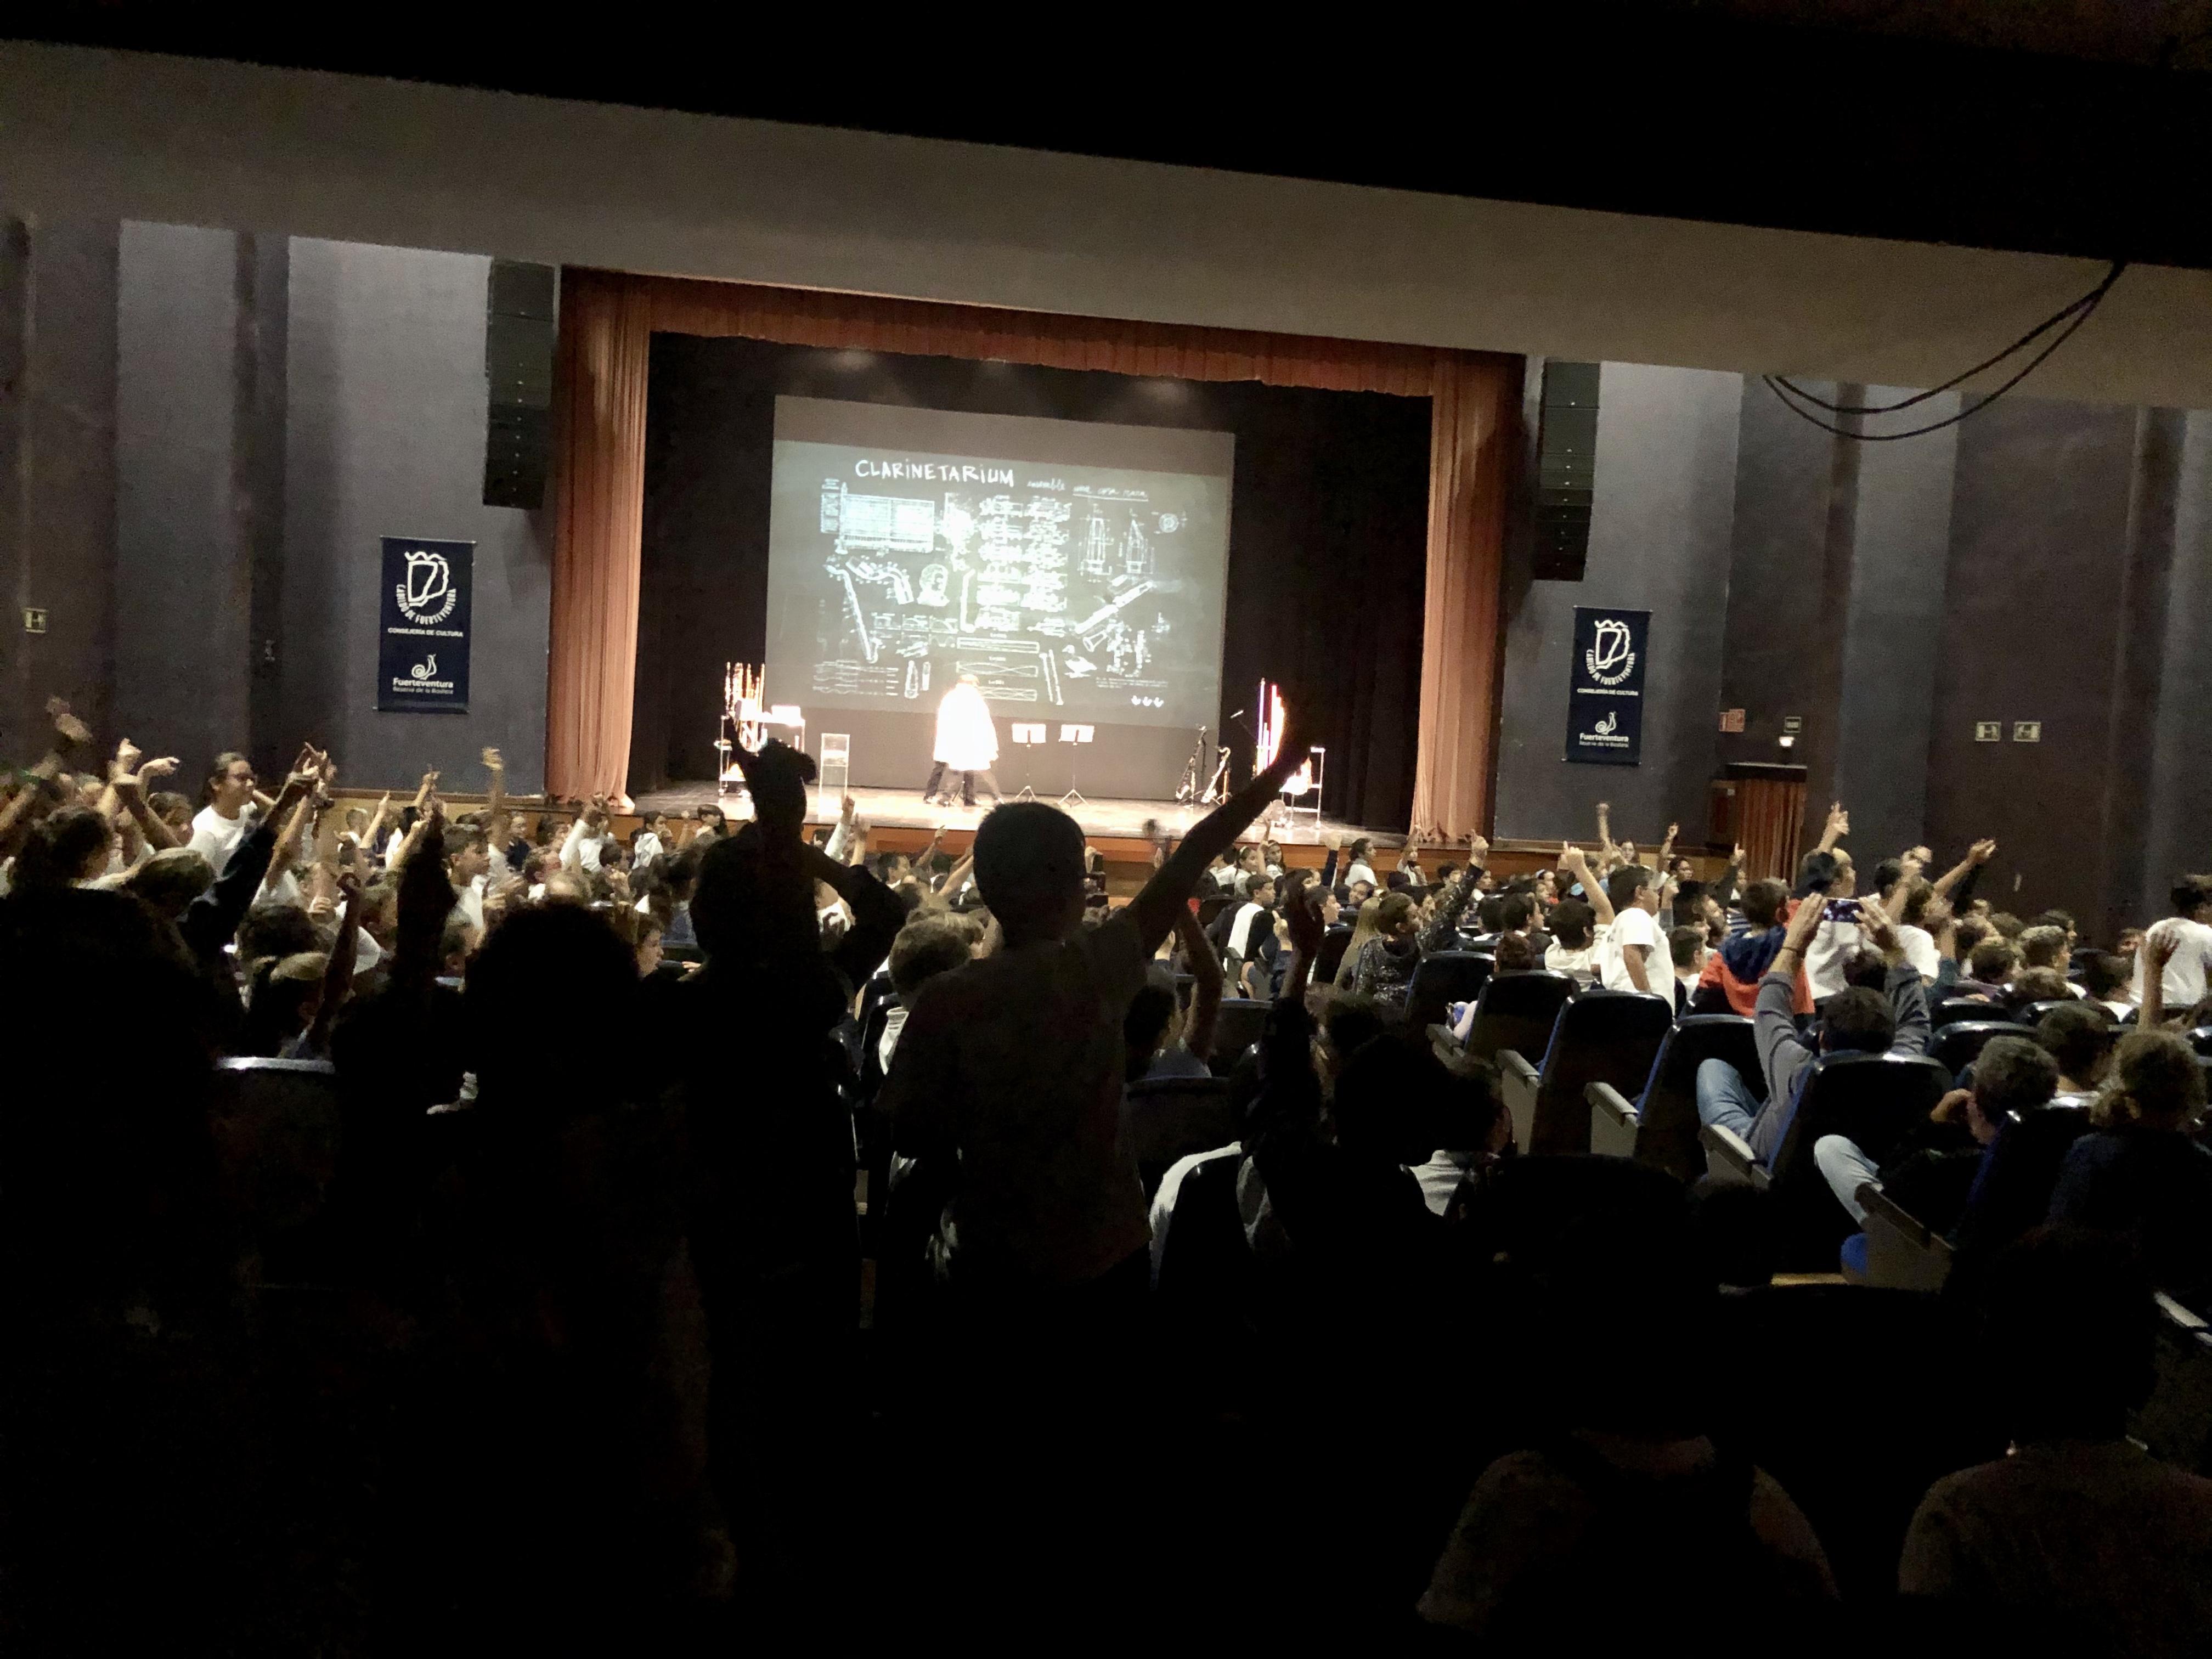 Unos 1.900 escolares de Fuerteventura asisten al espectáculo Clarinetarium en el Auditorio Insular de Puerto del Rosario